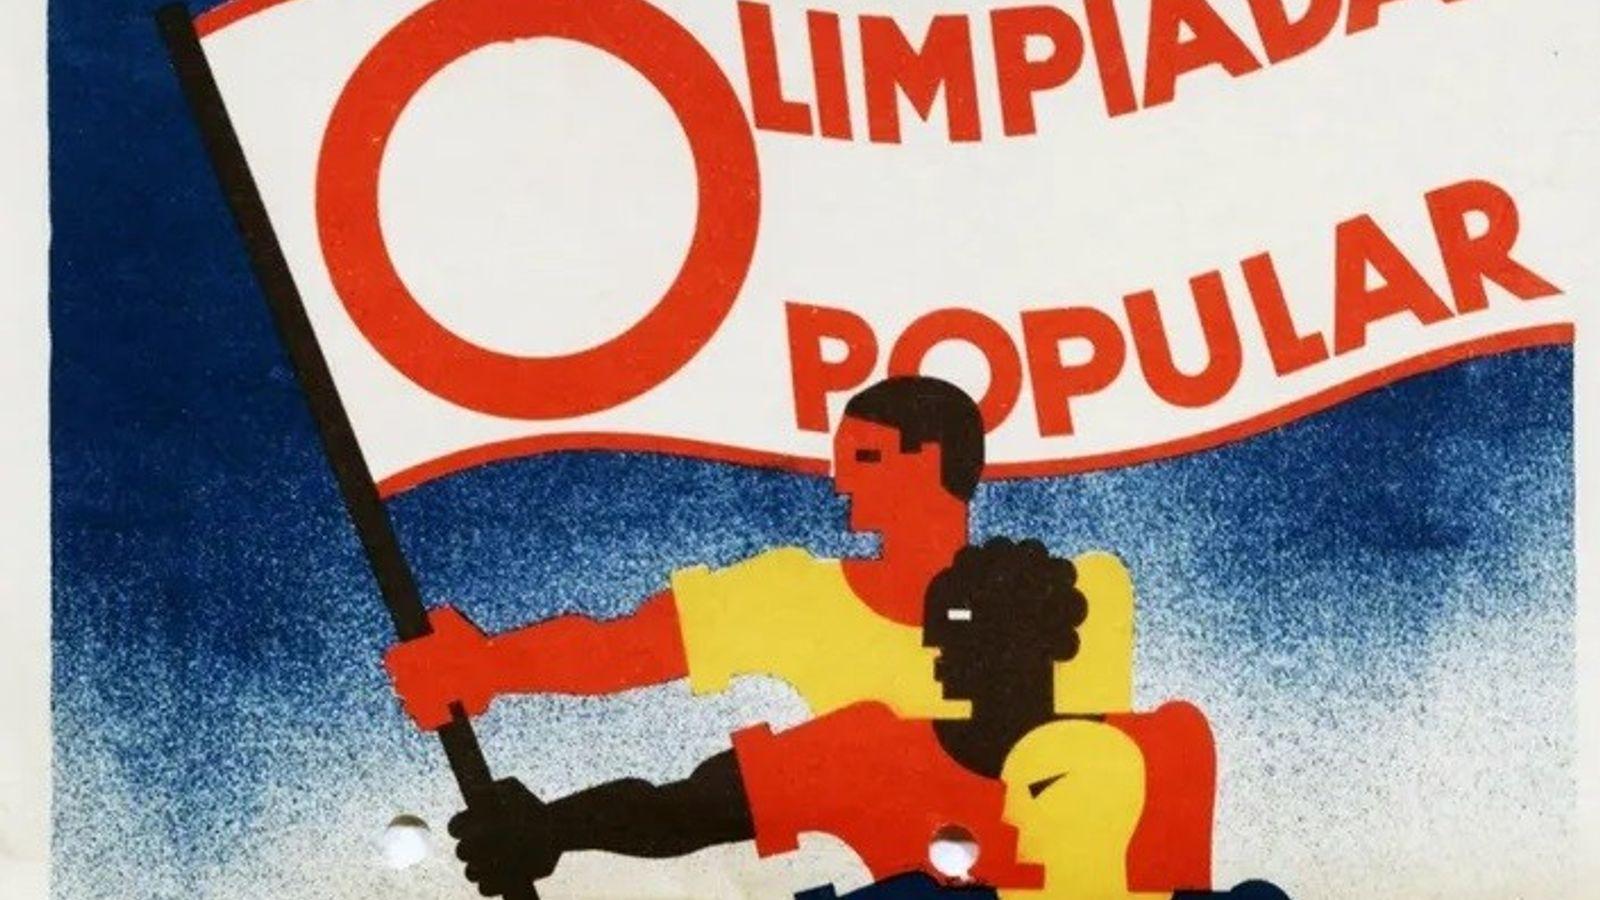 Representações de atletas de diferentes etnias segurando uma bandeira das Olimpíadas Populares, que aconteceriam em Barcelona, ...